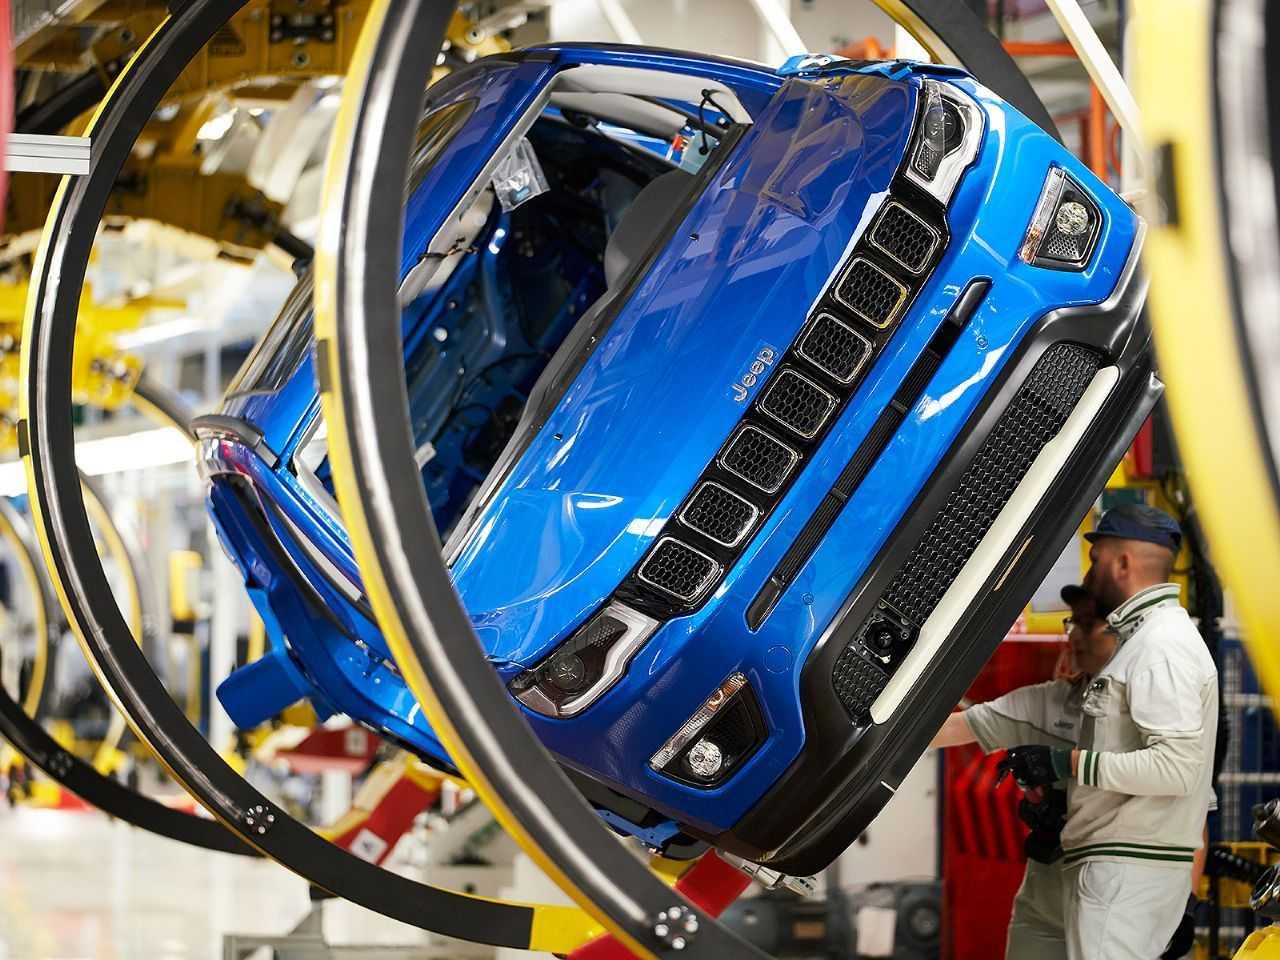 Jeep Compass na linha de produção da fábrica de Melfi, Itália